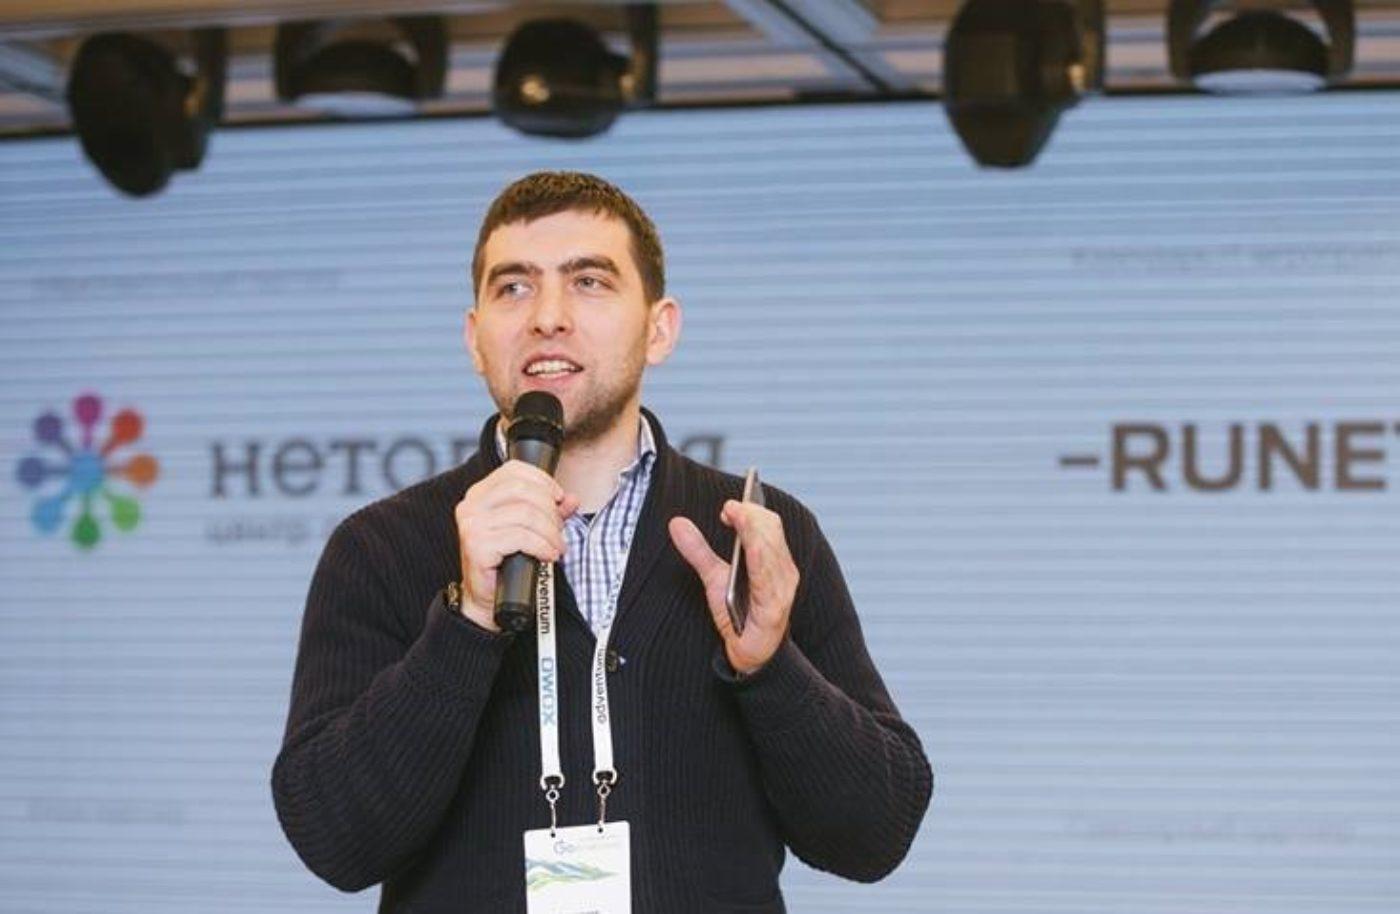 Интервью: Руководитель OWOX Владислав Флакс: «Победой я буду считать, если люди смогут общаться с данными так же просто, как сейчас выбирают авиаперелеты»